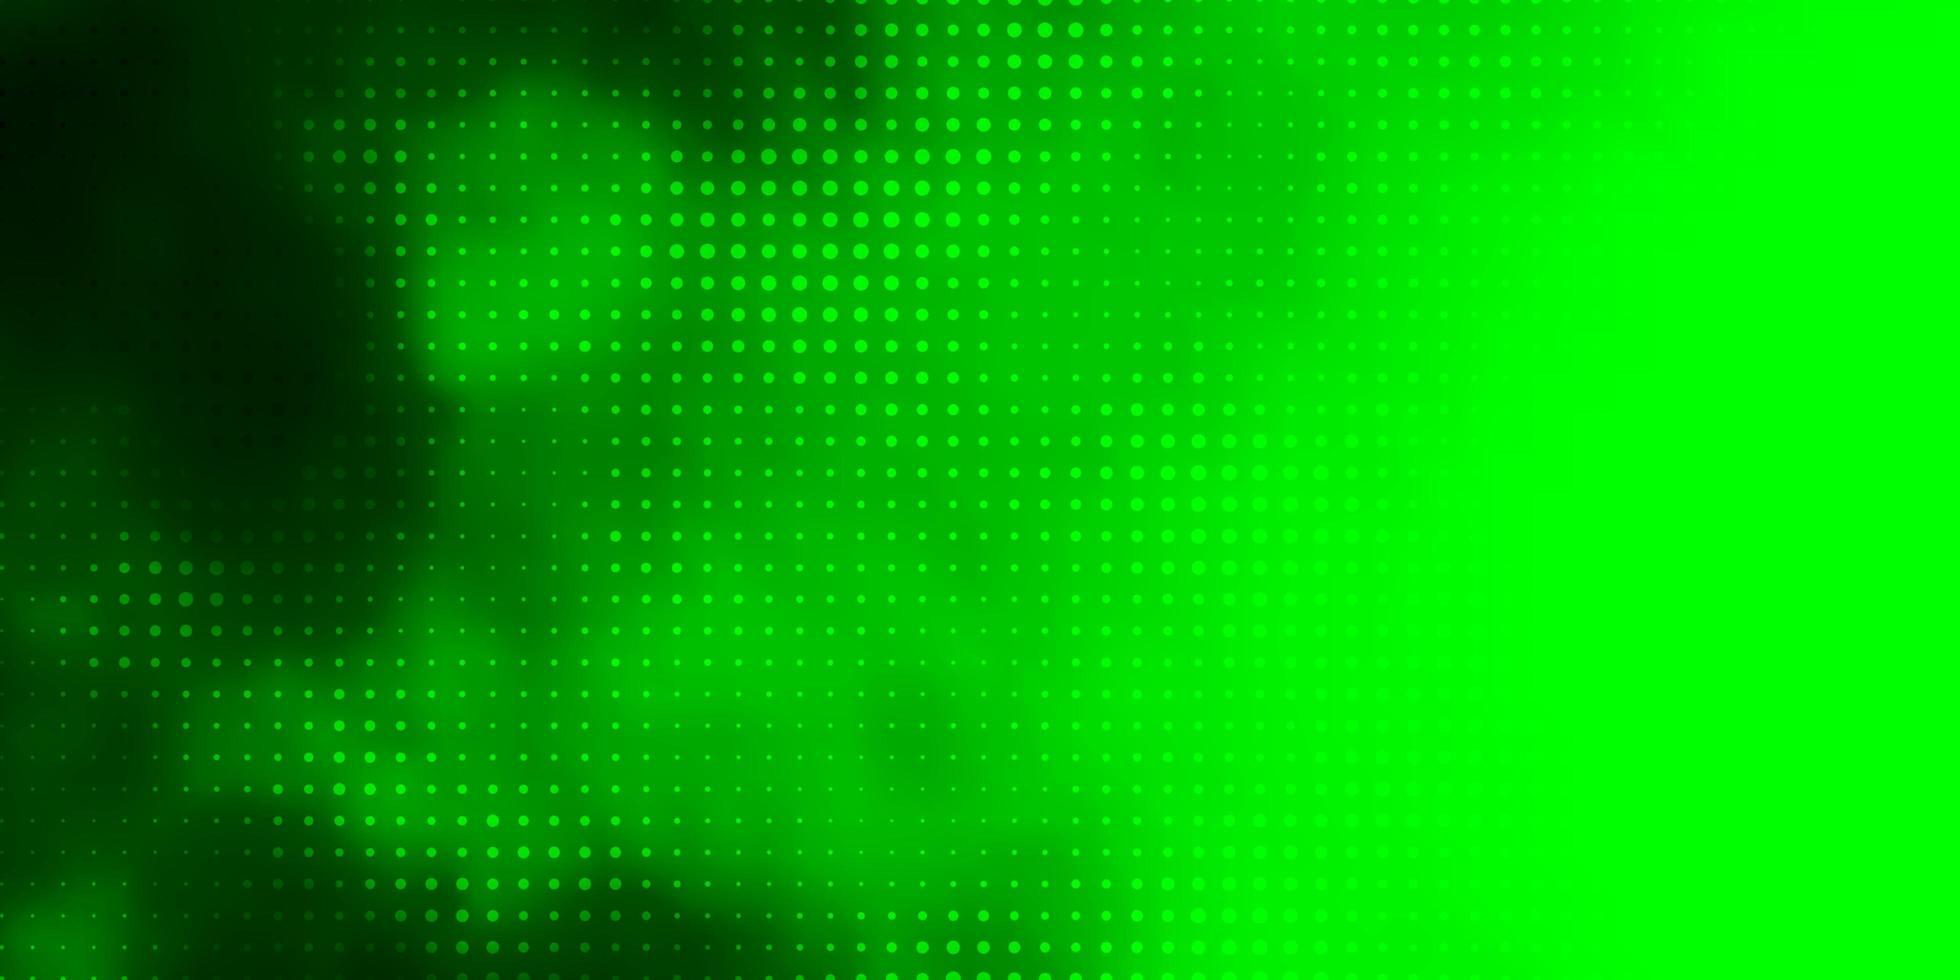 padrão verde com esferas. vetor